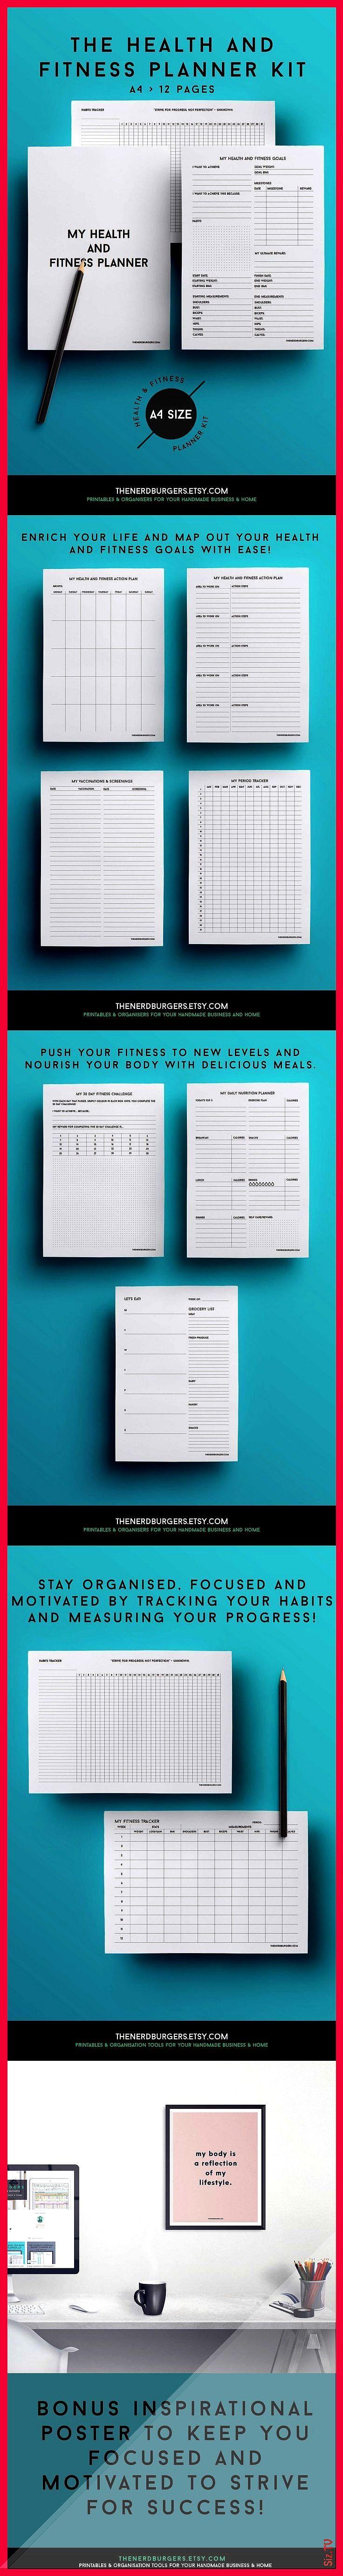 #fitnessplanner #mclaughlin #everyday #inspired #fitness #planner #tracker #wellnes #towards #journe...